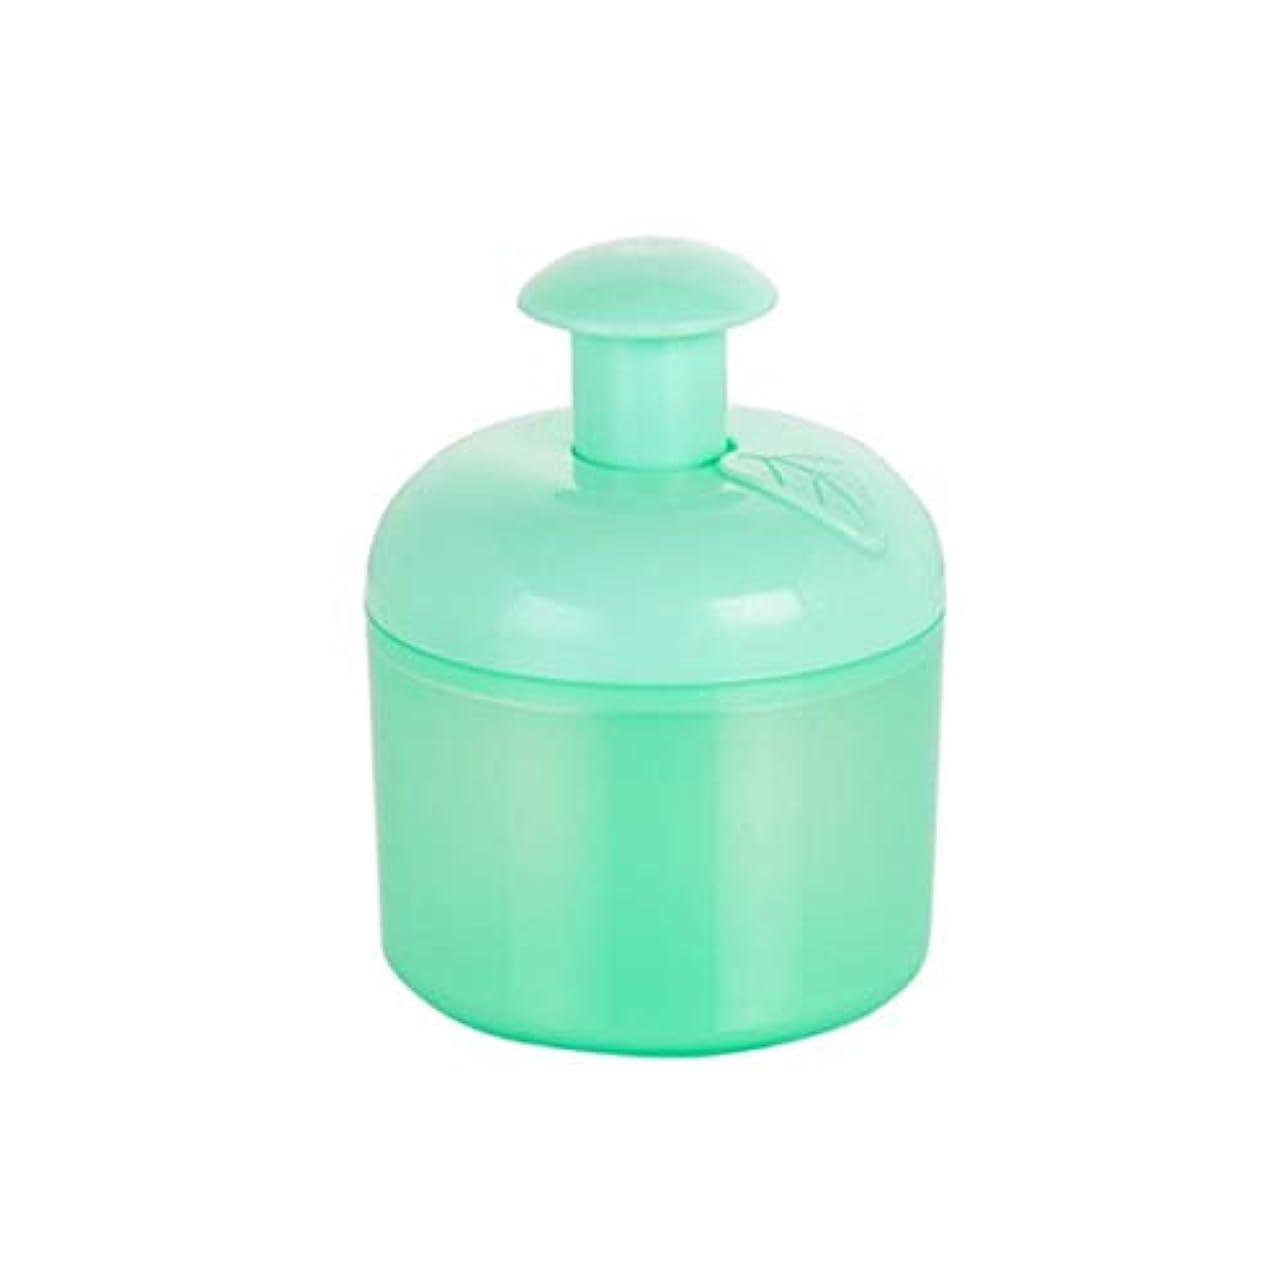 派手蒸発廃止Intercorey Face Clean Toolクレンザーフォームメーカーカップフェイシャルクレンザーフォームカップボディウォッシュバブルメーカー